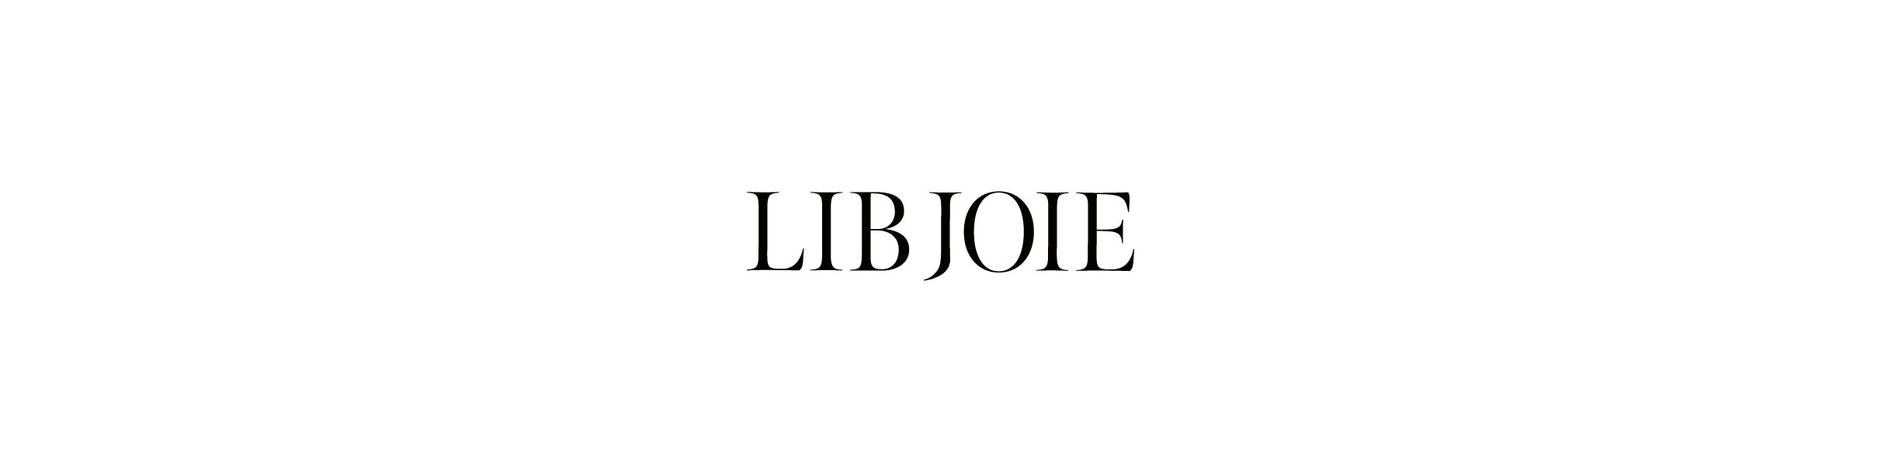 LIB JOIE | リブジョア公式オンラインストア|公式のみ全ての新作アイテムを購入可